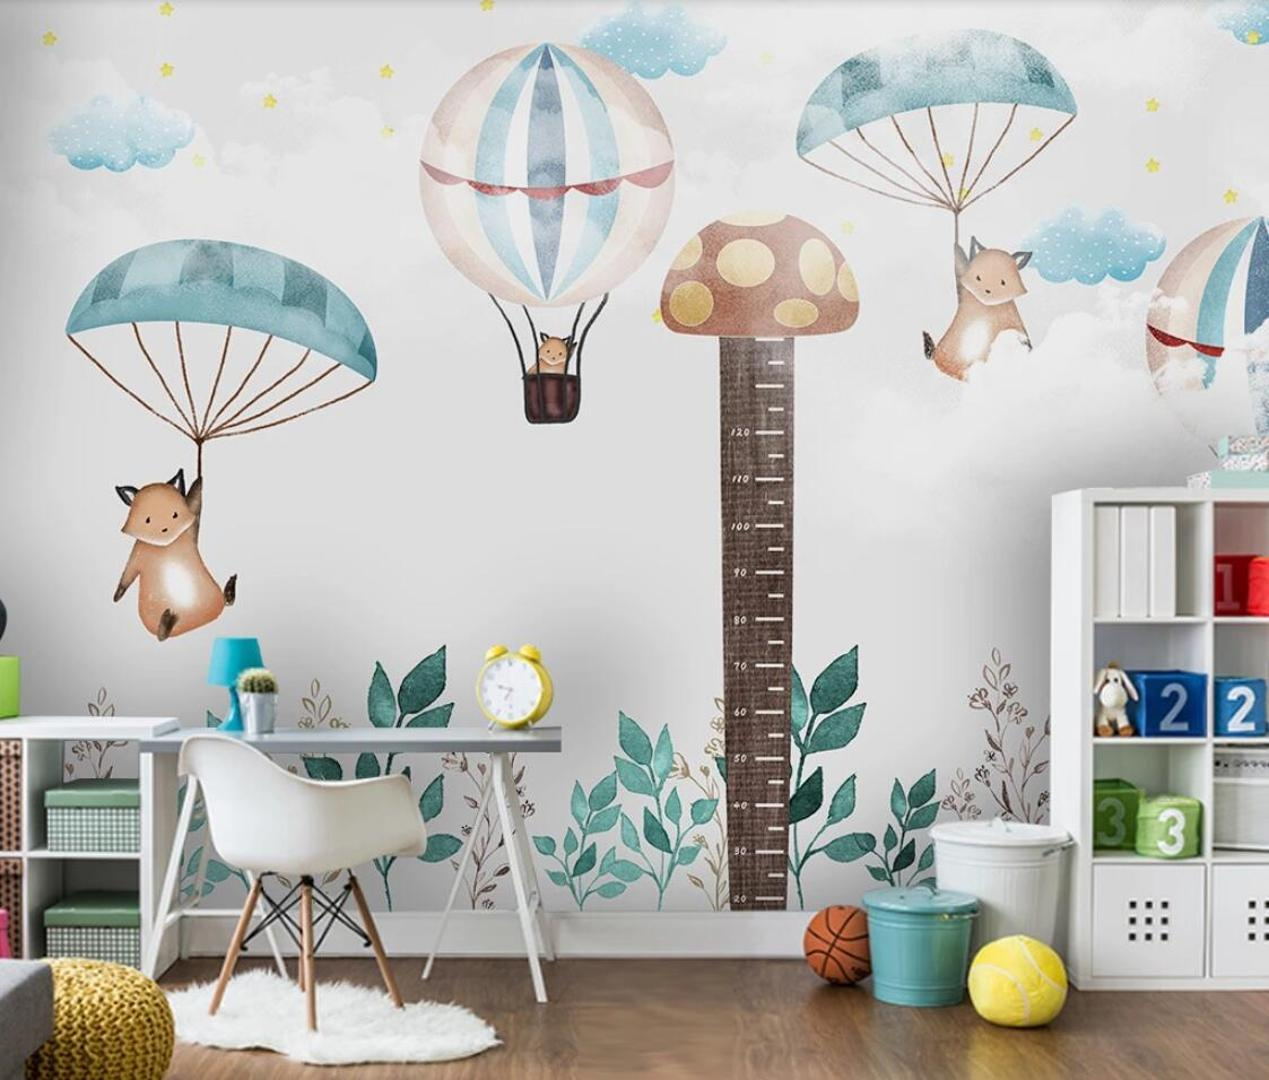 Enfants Chambre peint Carton Hauteur autocollant Hot Air Balloon Wallpaper enfants Paroi Rouleau de papier Décor Papel De Parede